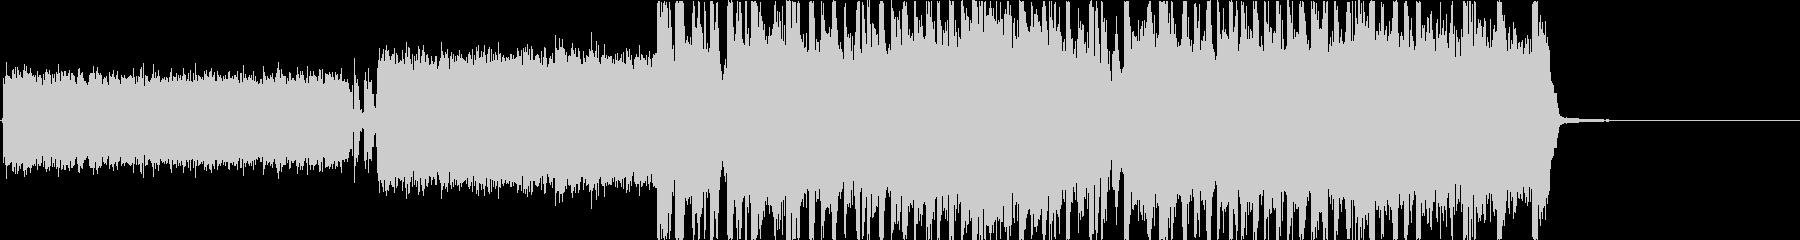 ヘビーメタル、ハードロック、リフ2の未再生の波形